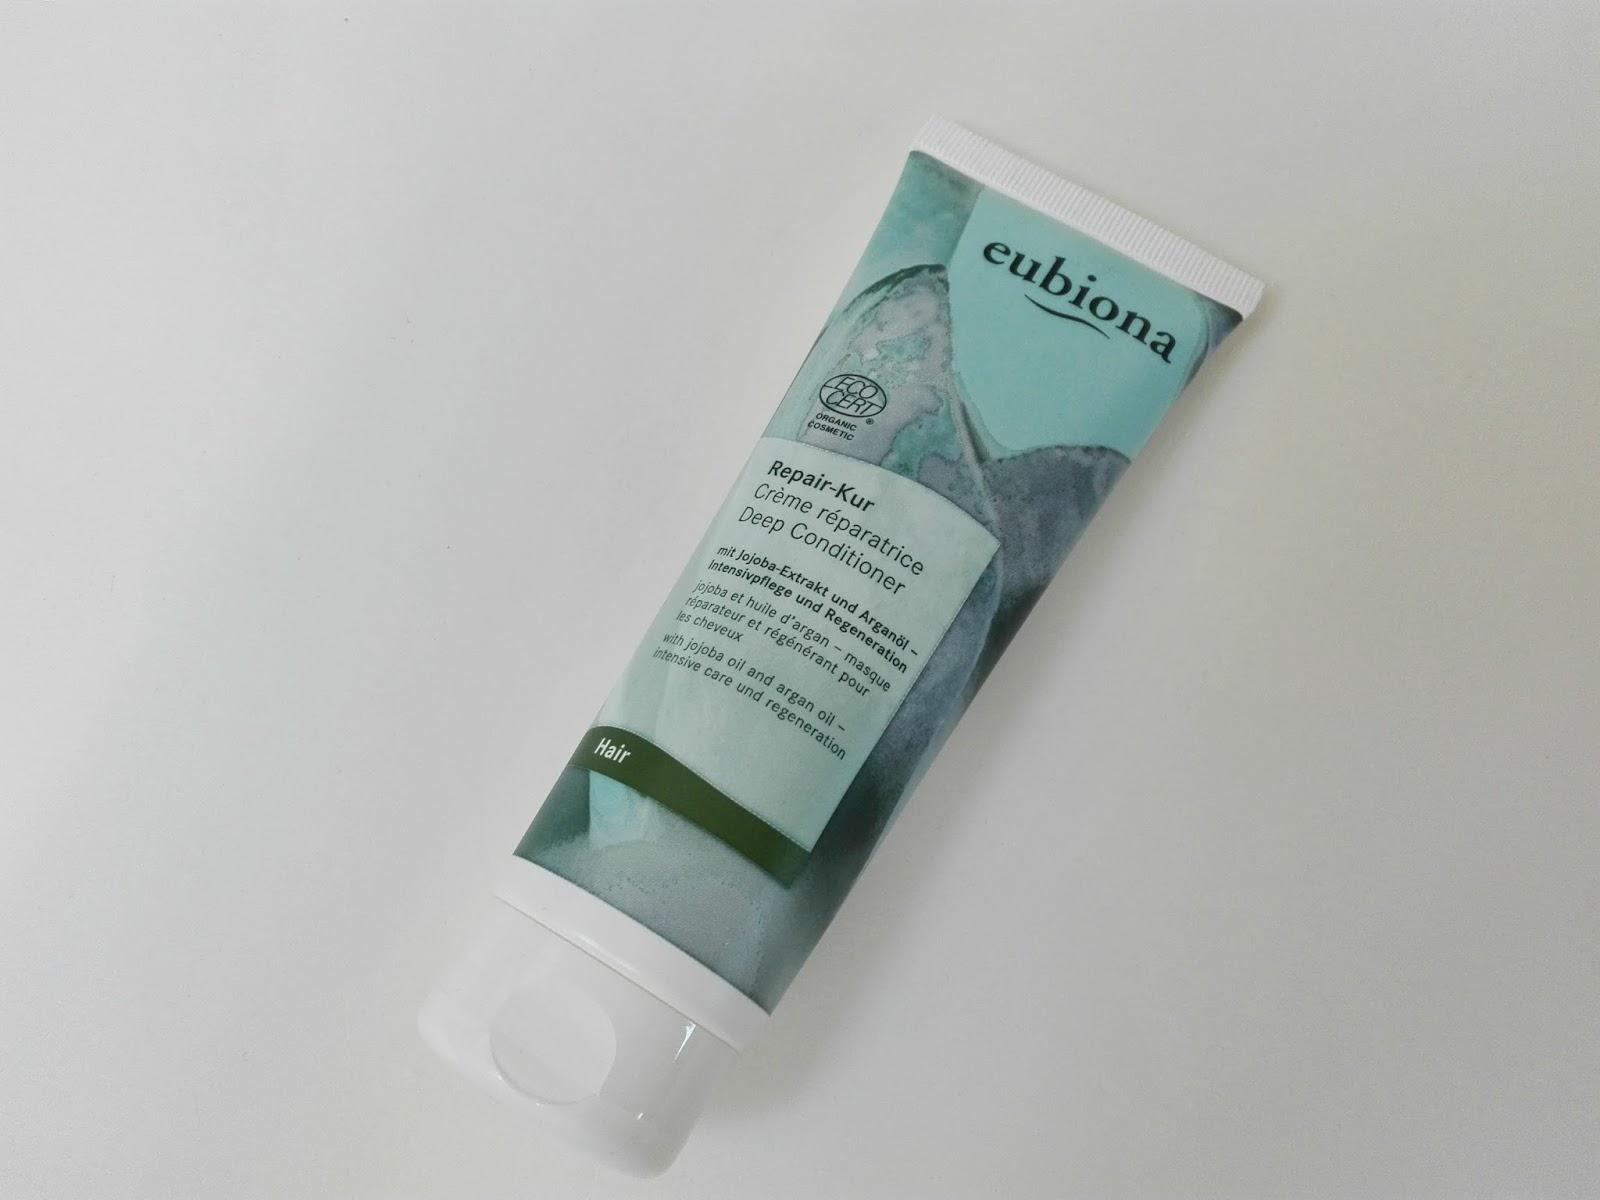 Eubiona - regeneracyjna kuracja do włosów - recenzja